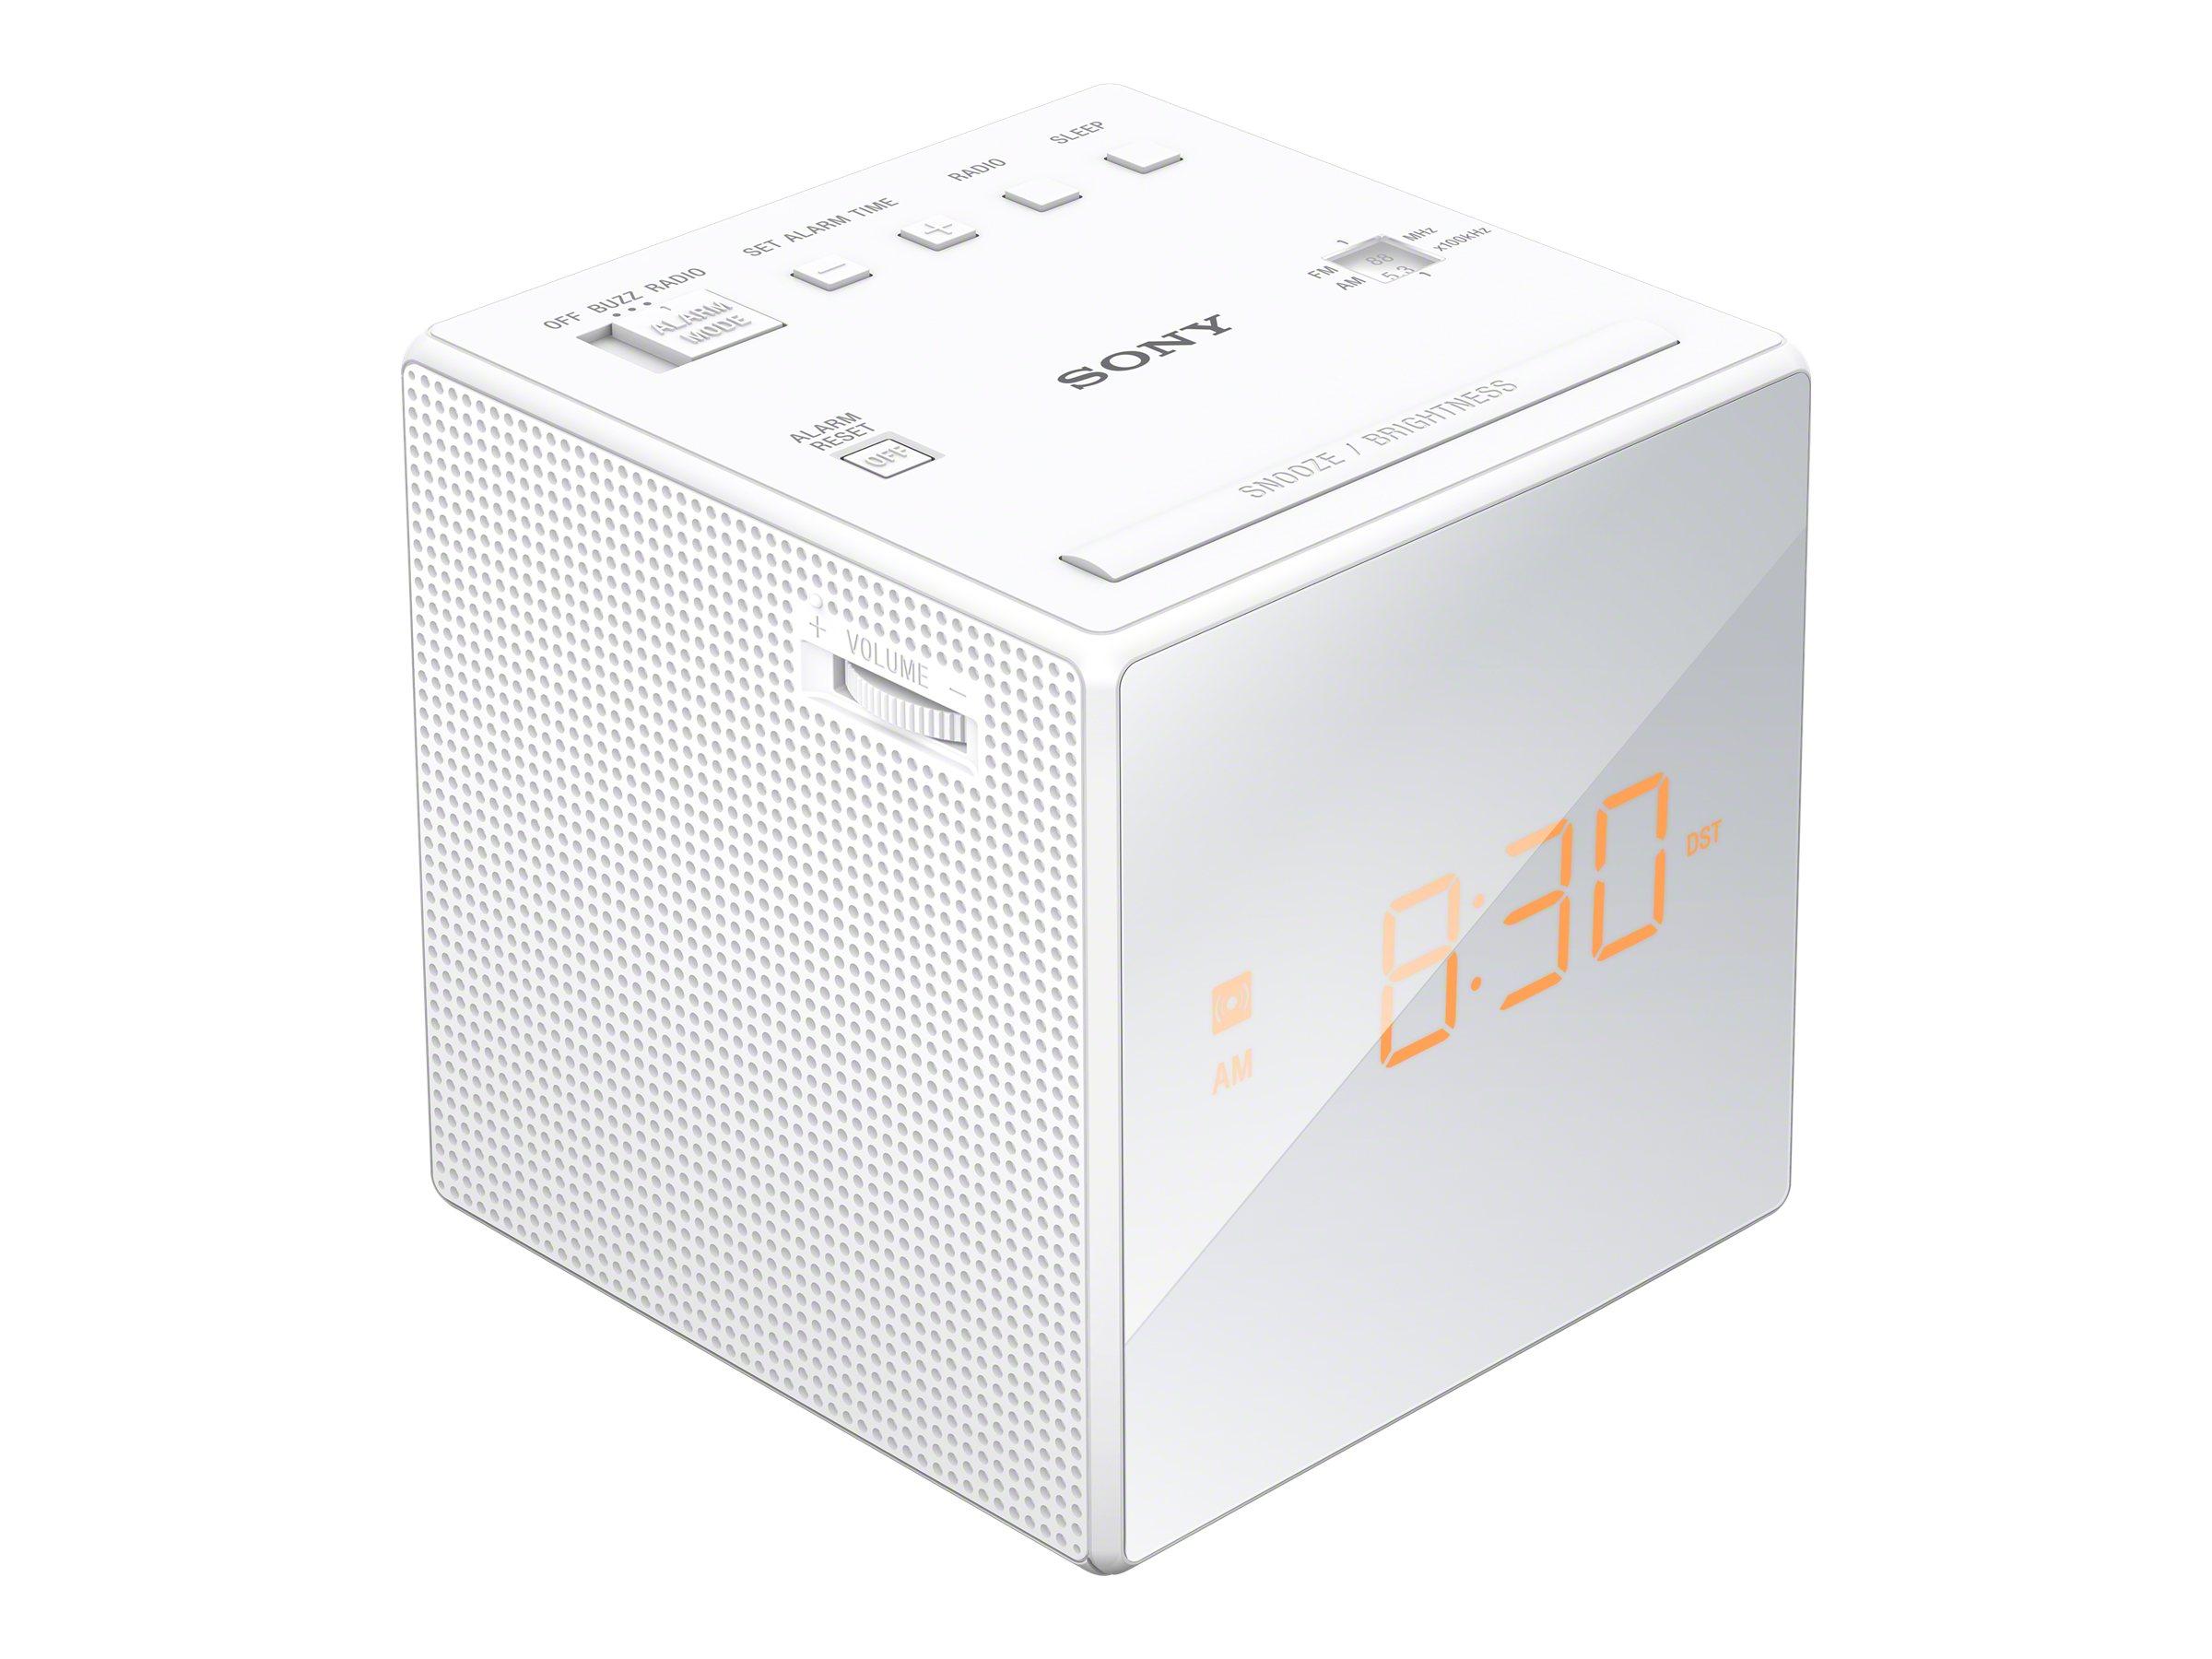 Sony ICF-C1 - Radiouhr - wei?